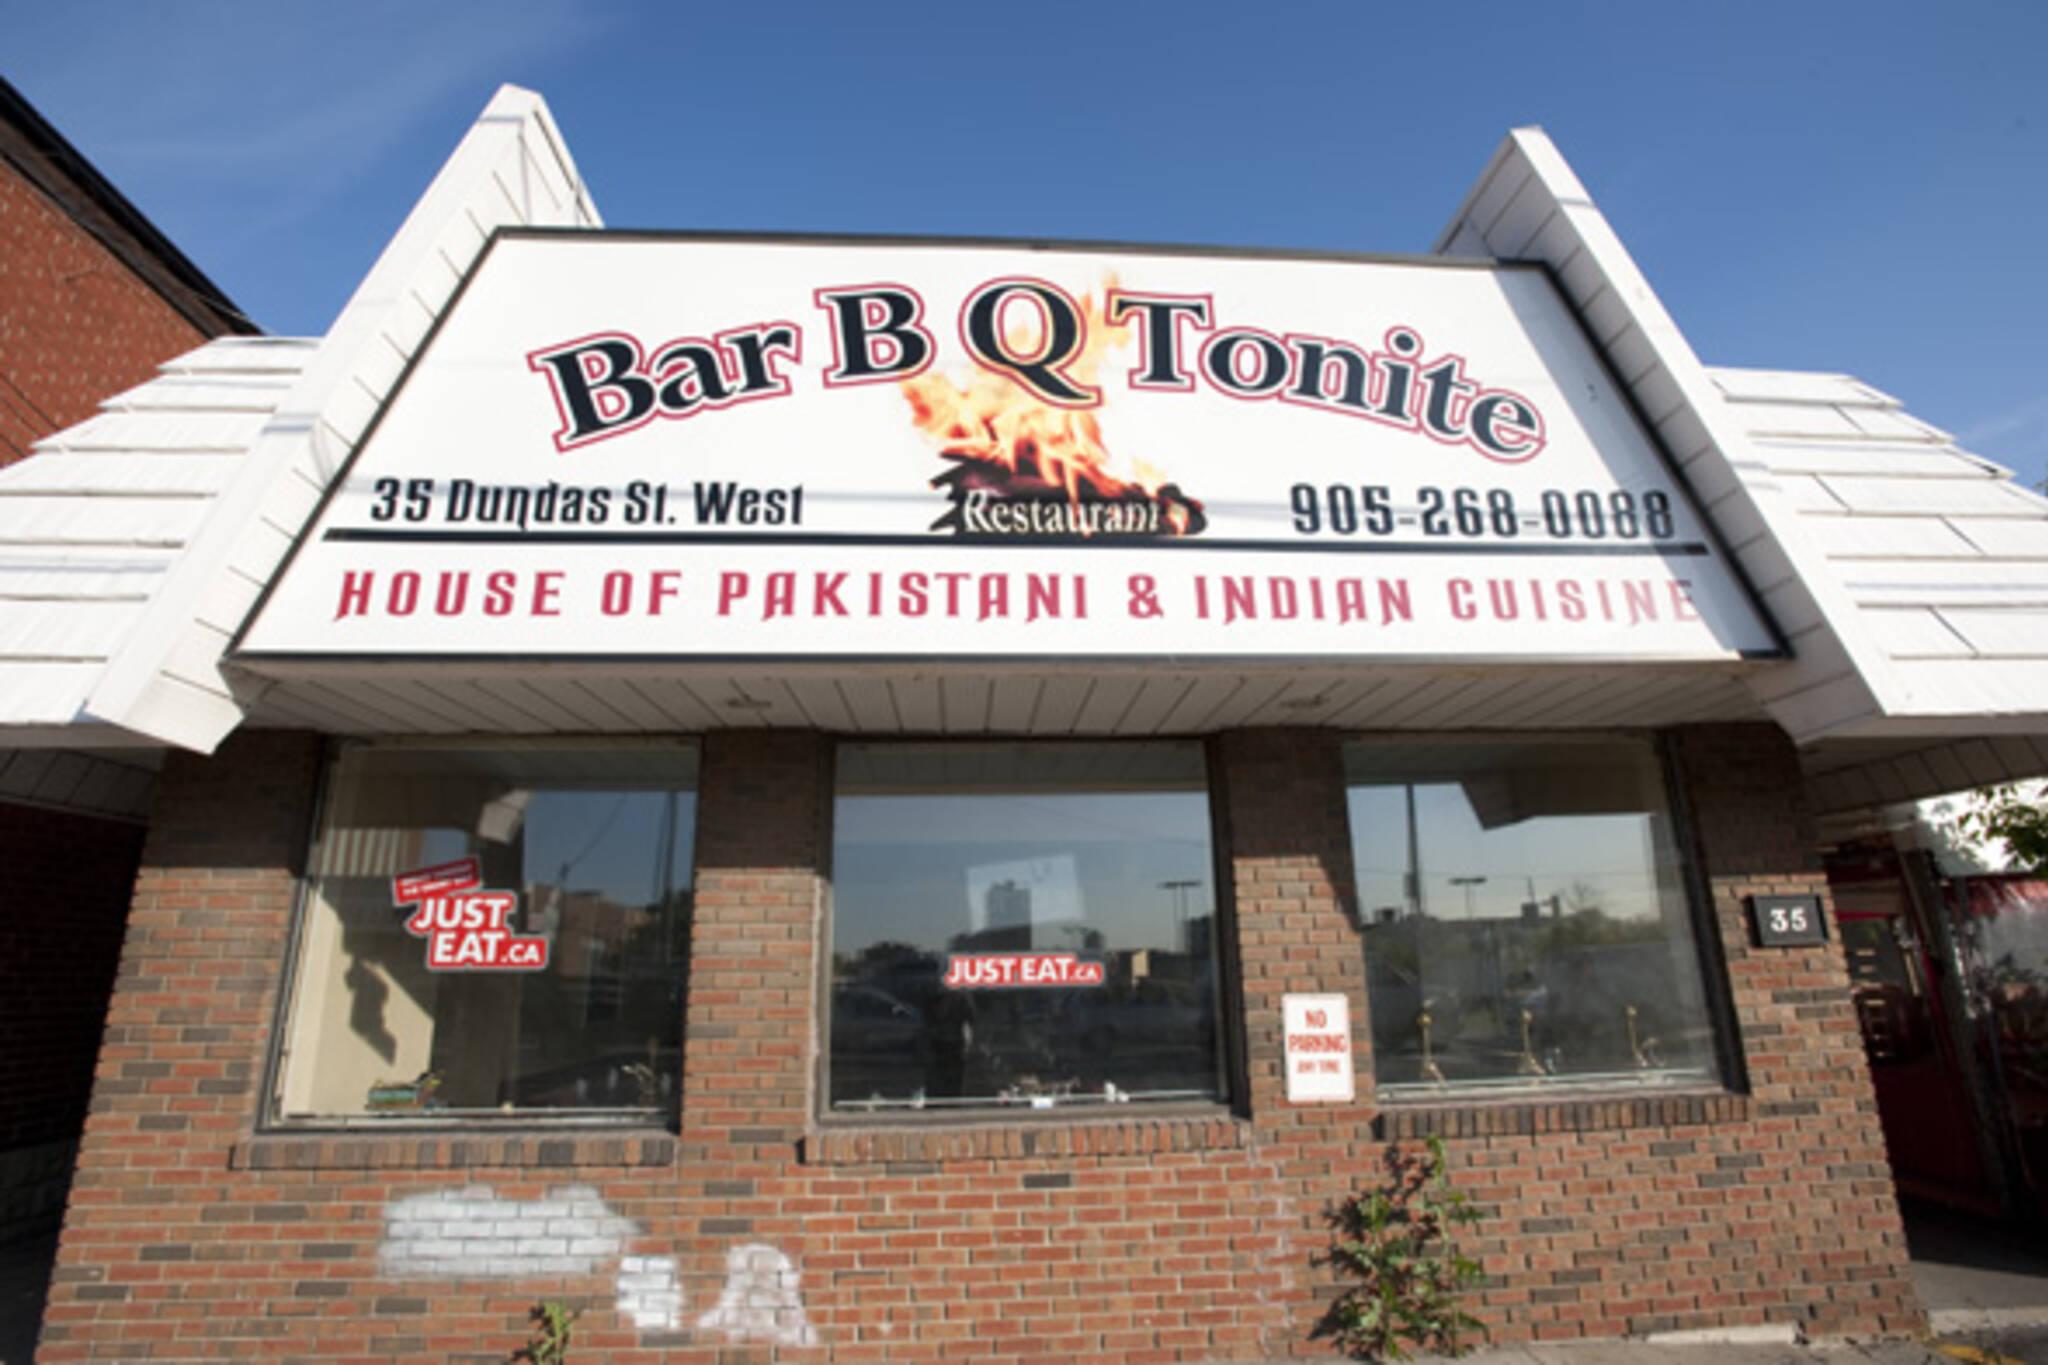 bar b q tonite mississauga restaurant